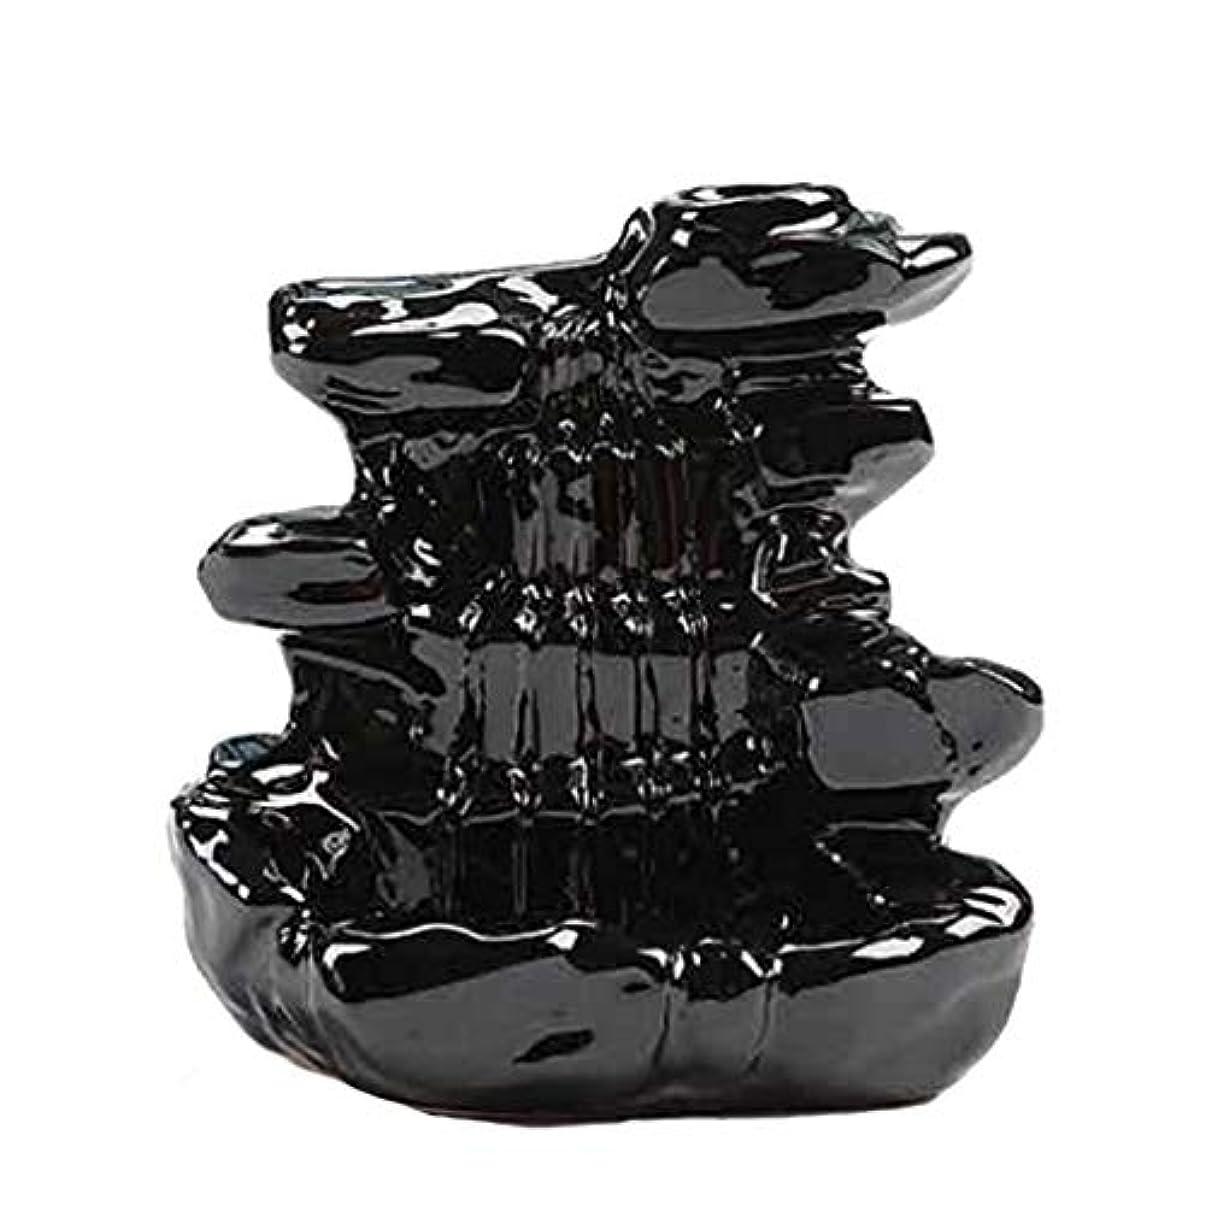 バーマドトリップ原因芳香器?アロマバーナー 家の装飾逆流香バーナーセラミックコーン滝香ホルダー仏教香炉 アロマバーナー芳香器 (Color : B)